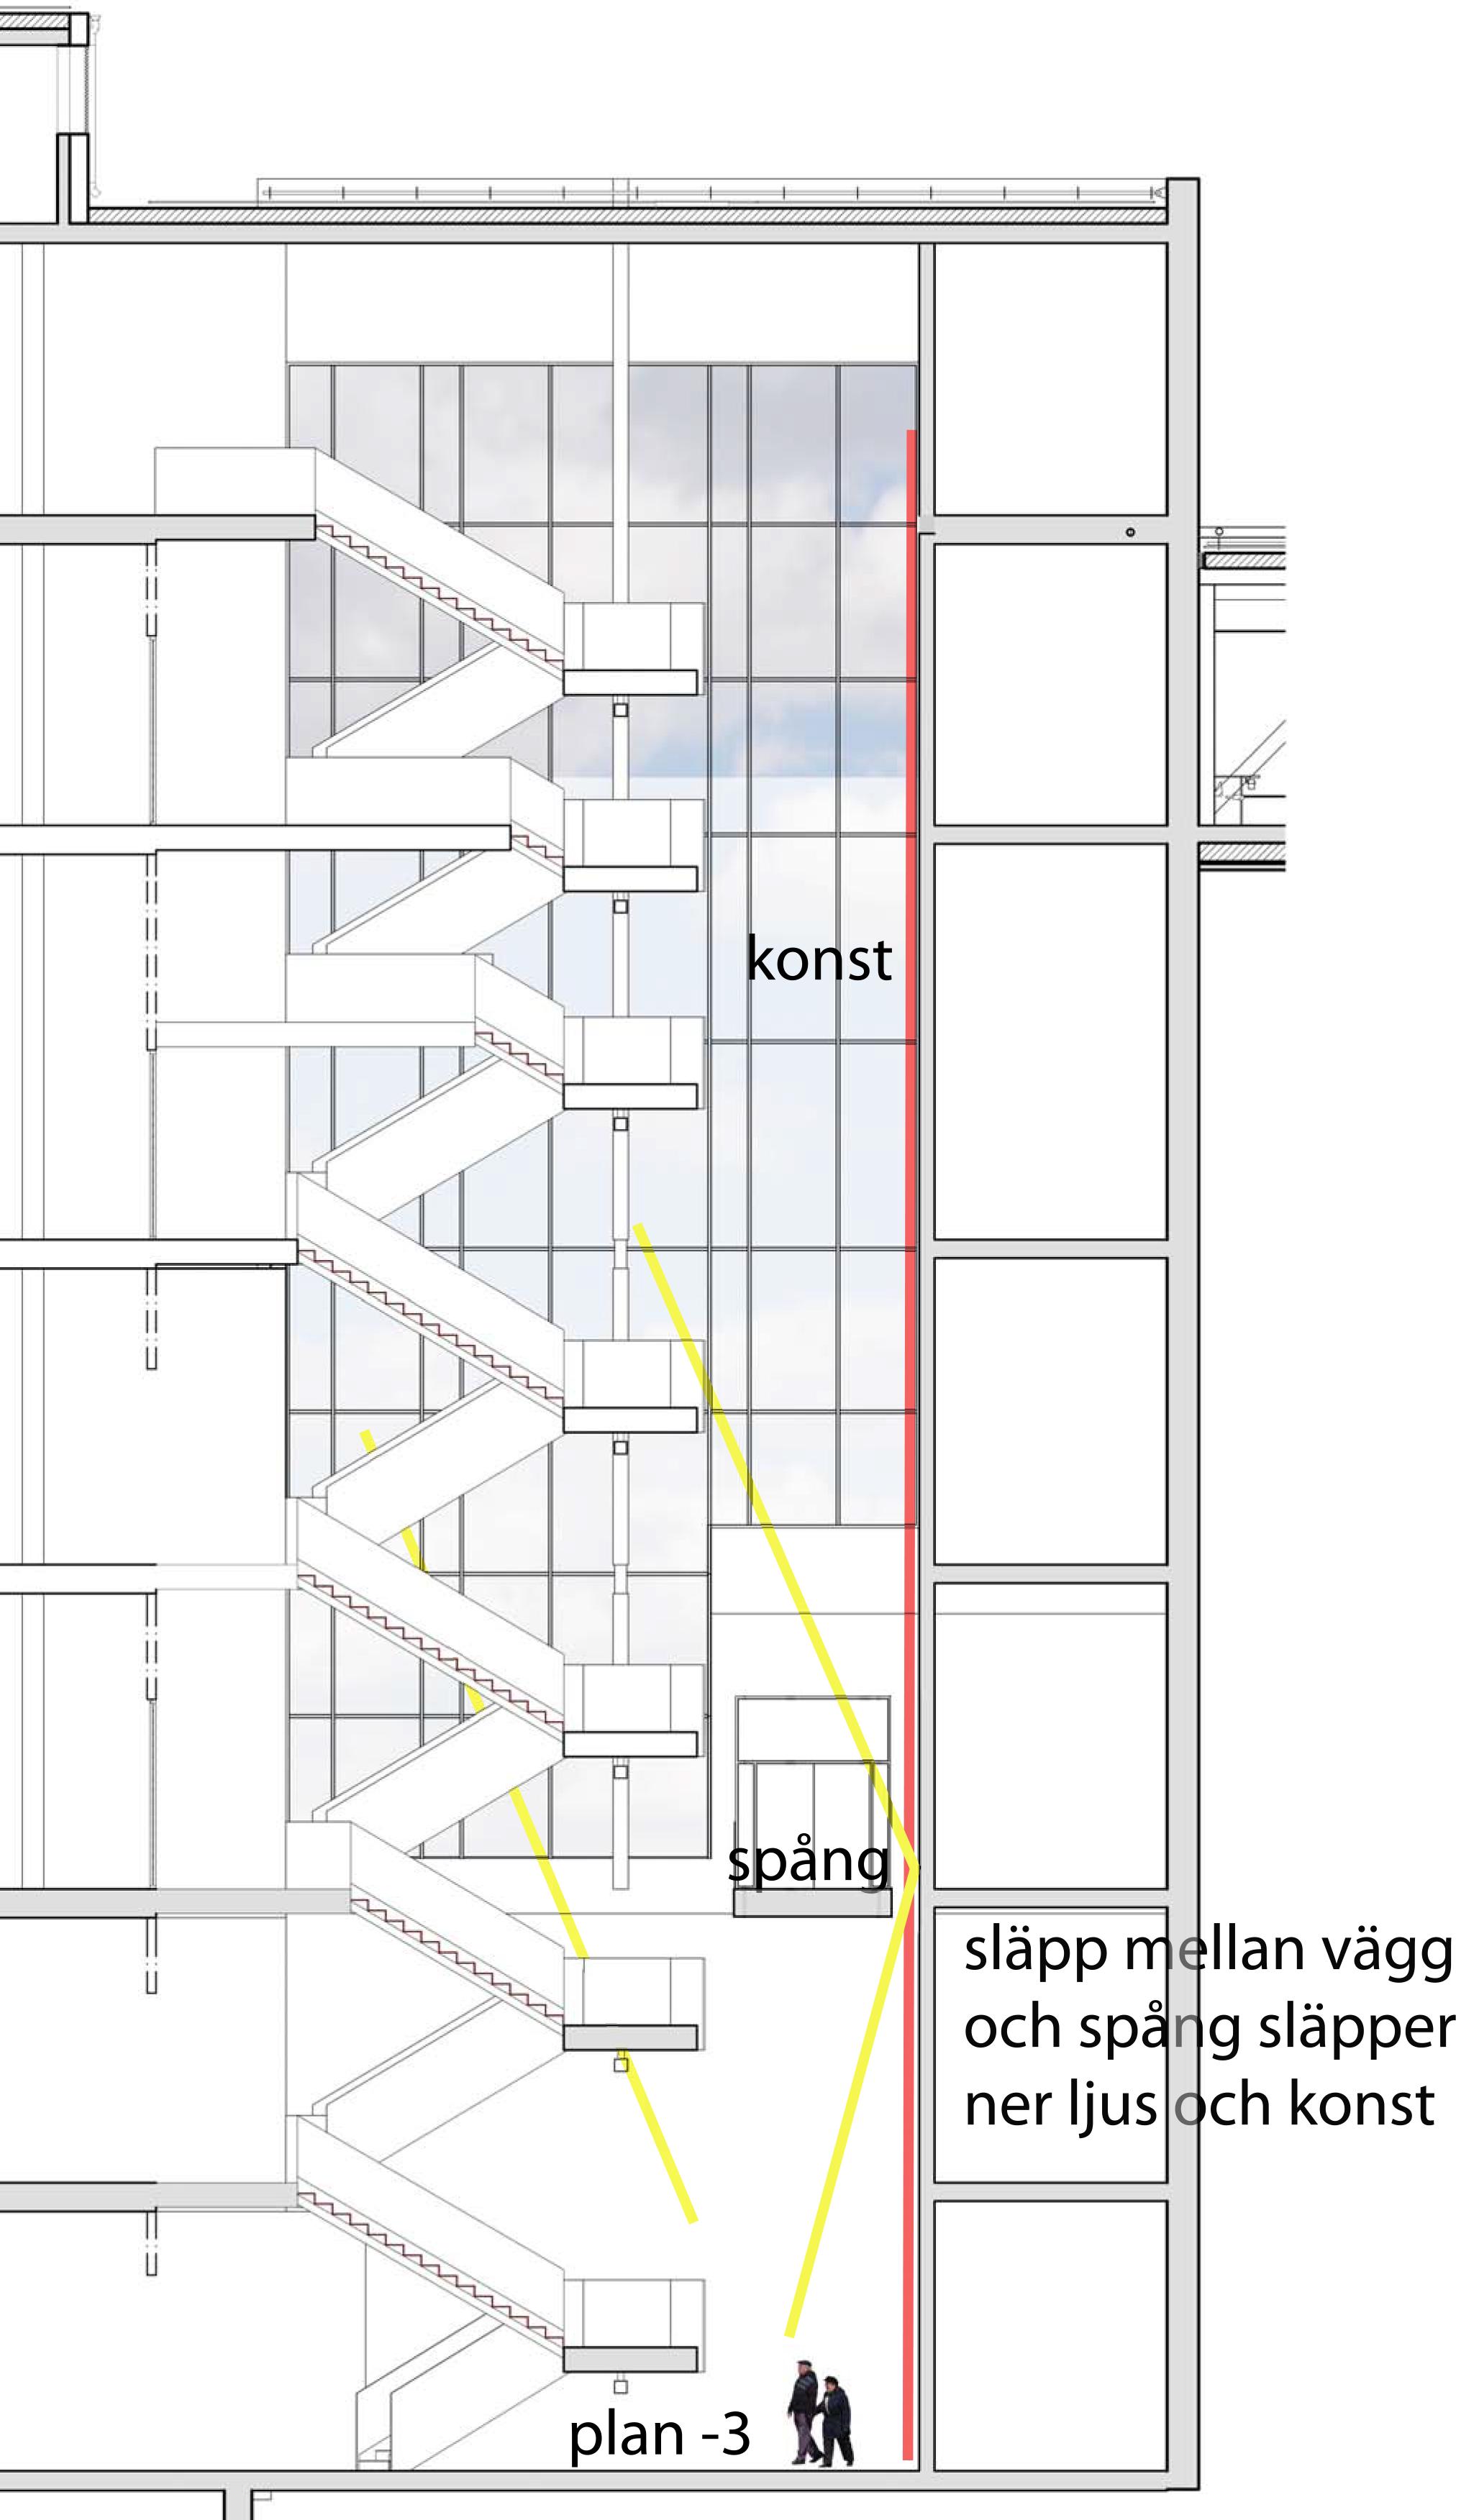 Spång östtrappa byggnad 70 Södersjukhuset. Stor skissbild